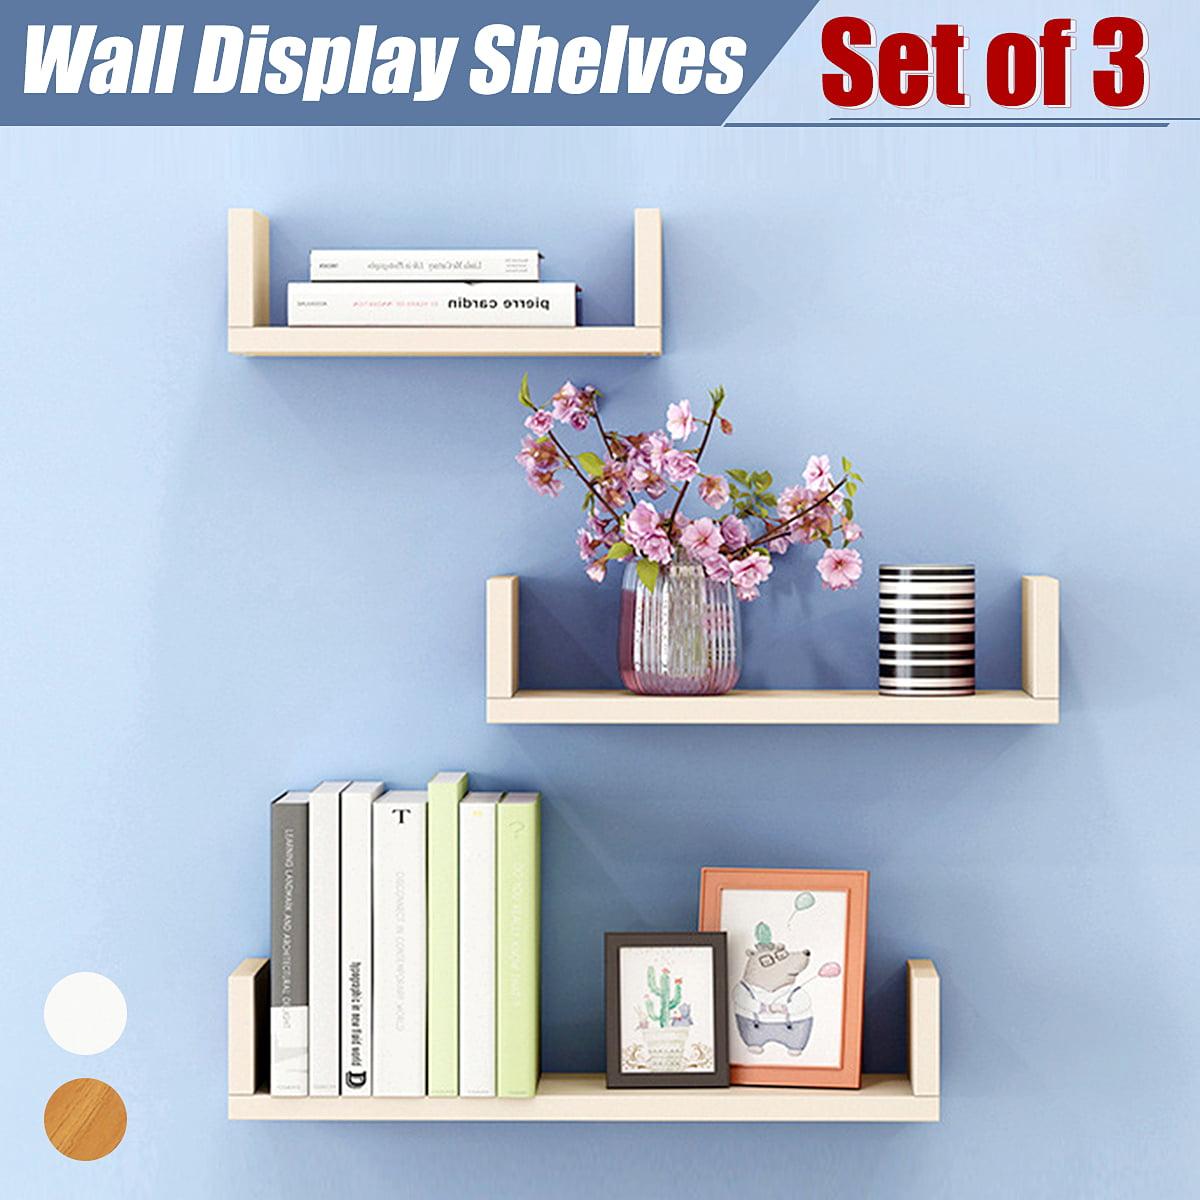 Set of 3 U Shape shelves Floating Wall Shelve Home Decor Storage Wood Shelf Unit